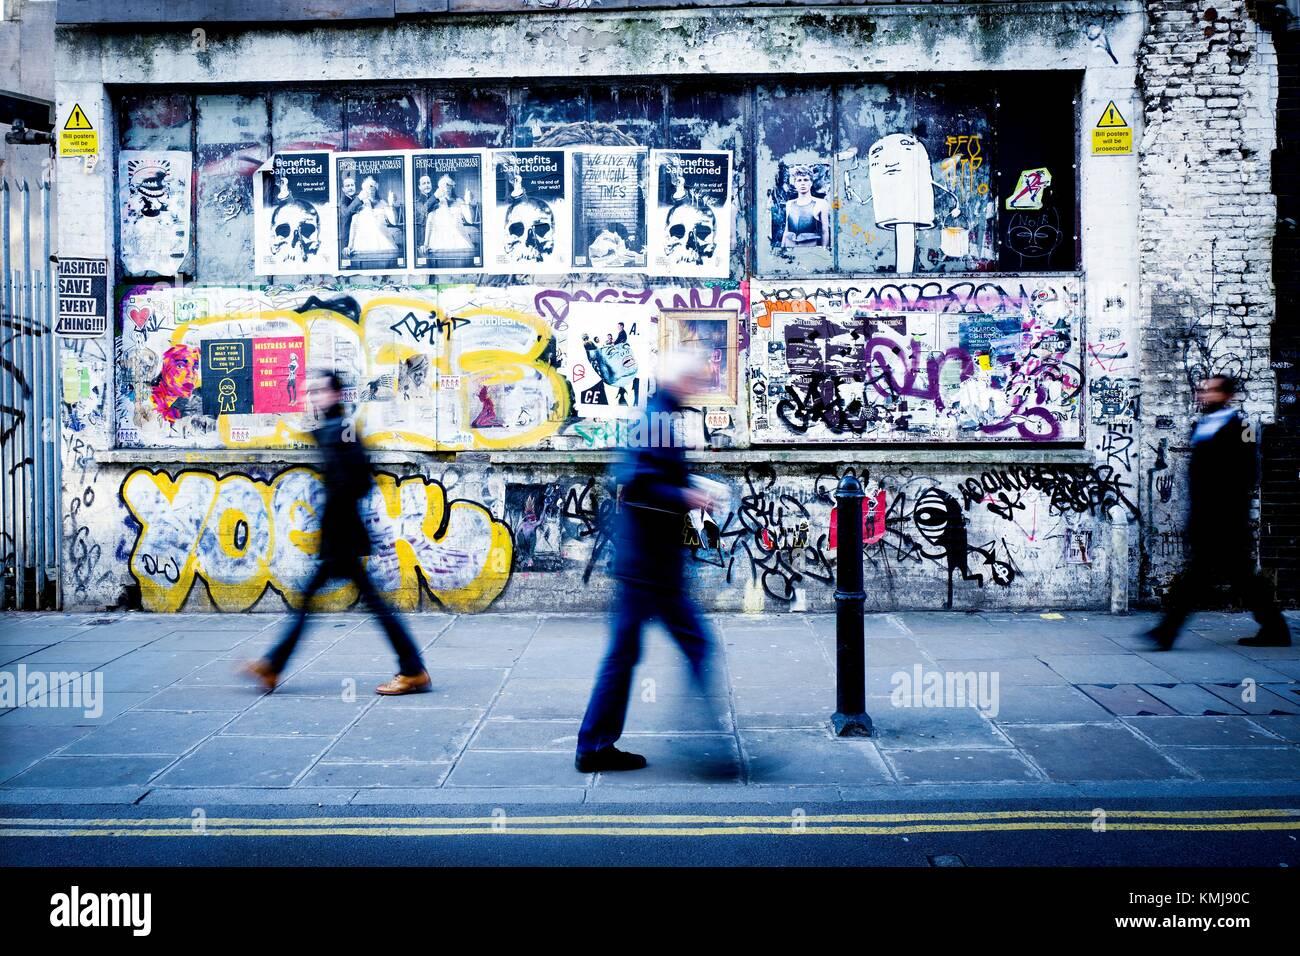 Tres personas irreconocibles andando por la acera de una calle y en la pared de fondo pintada con graffitis. Brick Stock Photo